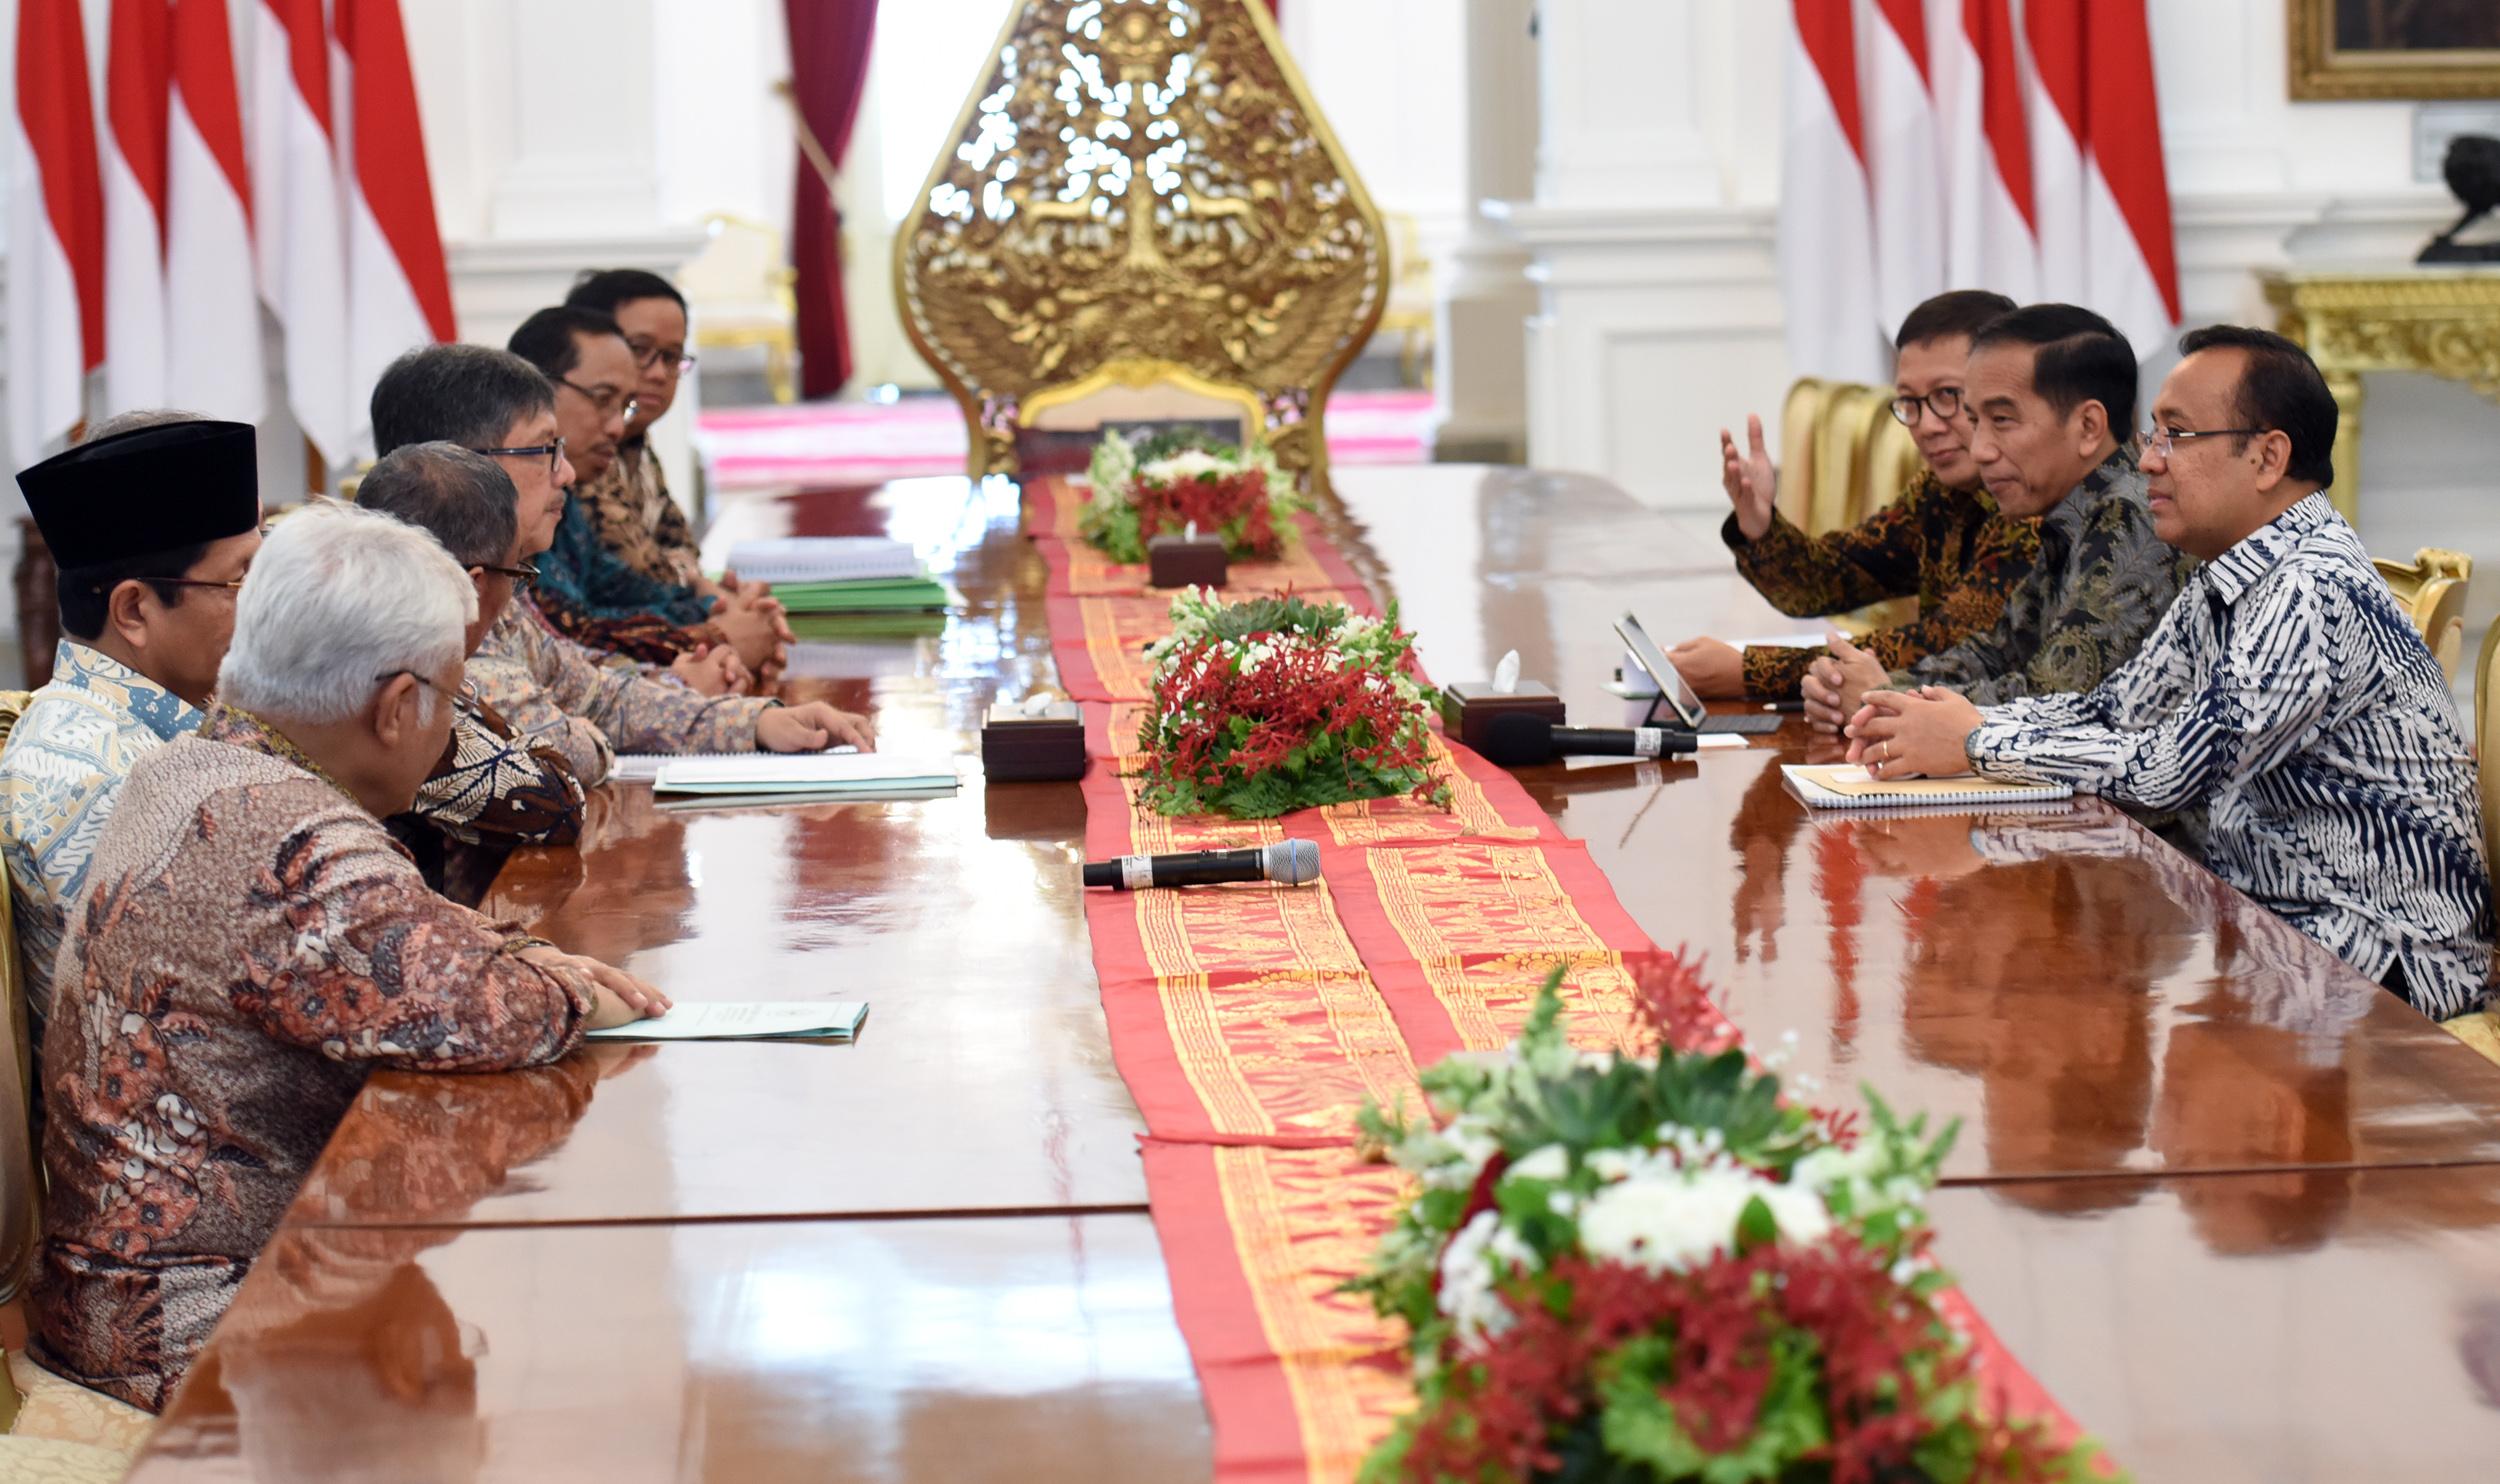 Presiden Jokowi didampingi Menag dan Mensesneg menerima calon anggota Badan Pelaksana dan Dewan Pengawas BPKH, di Istana Merdeka, Jakarta, Senin (13/3) siang. (Foto: Rahmat/Humas)